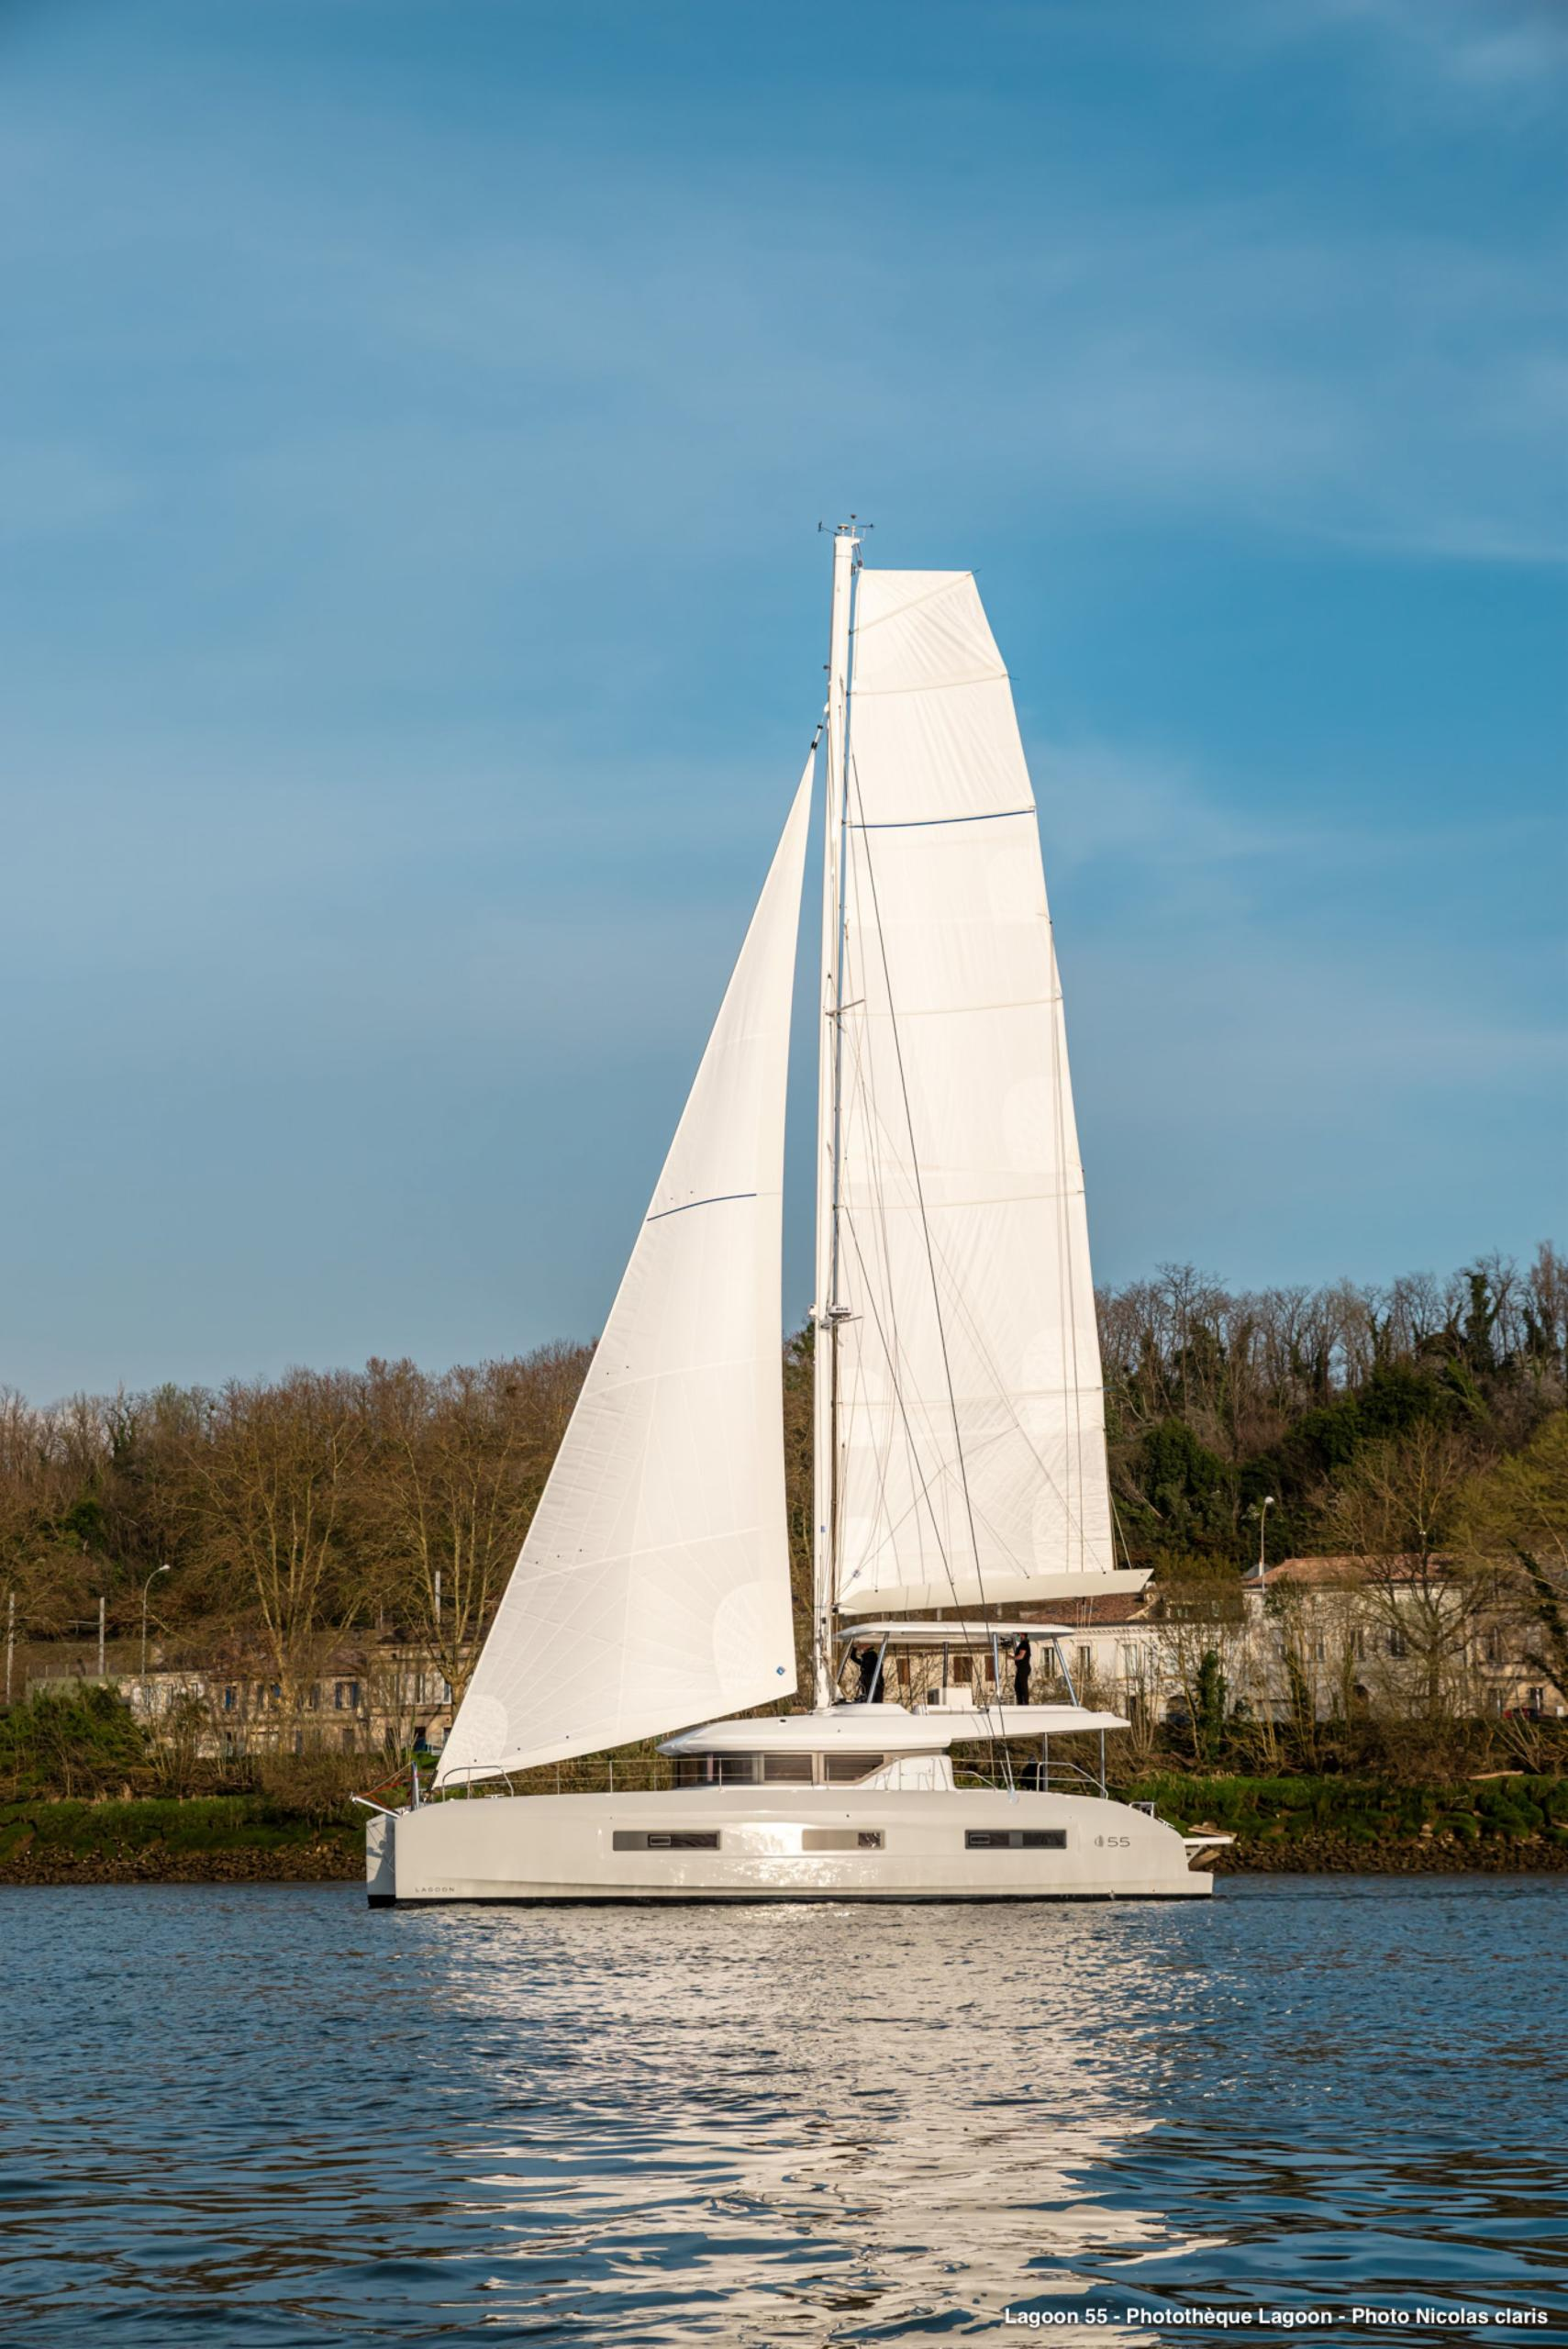 lagoon 55 sailing